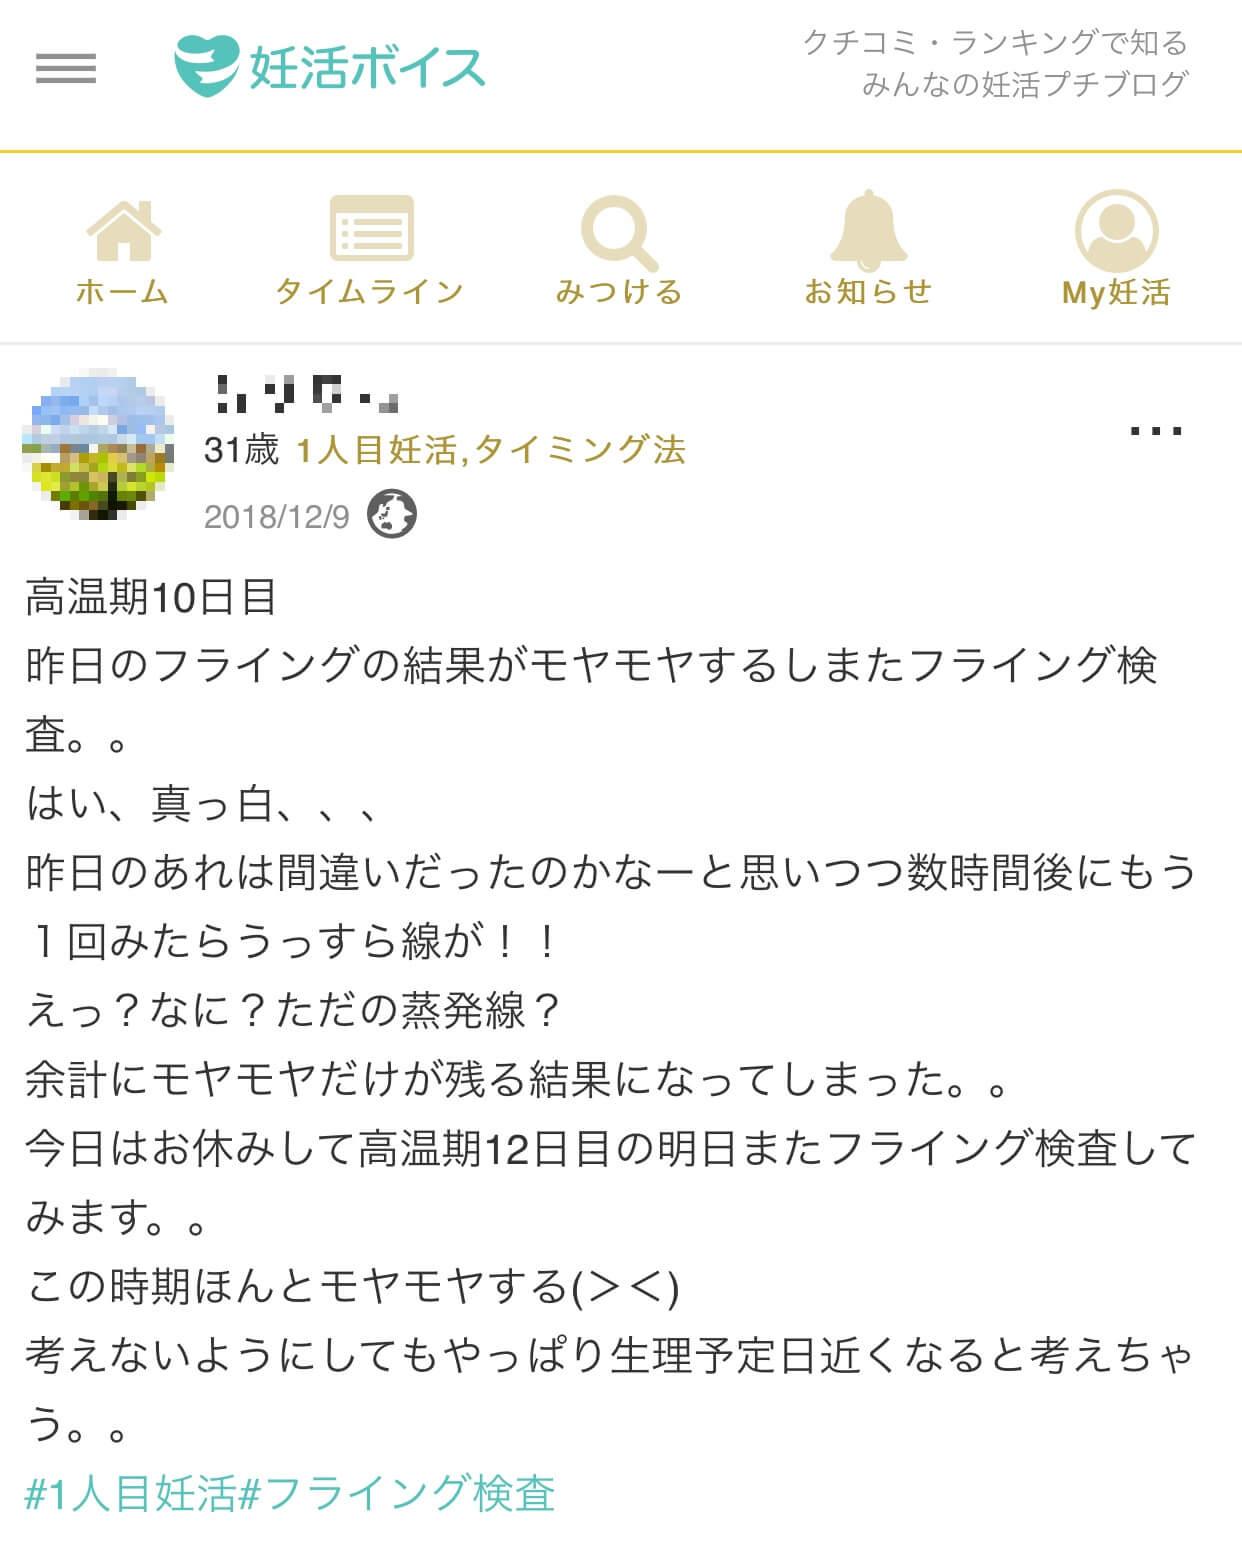 MO(31歳・1人目妊活・タイミング法)